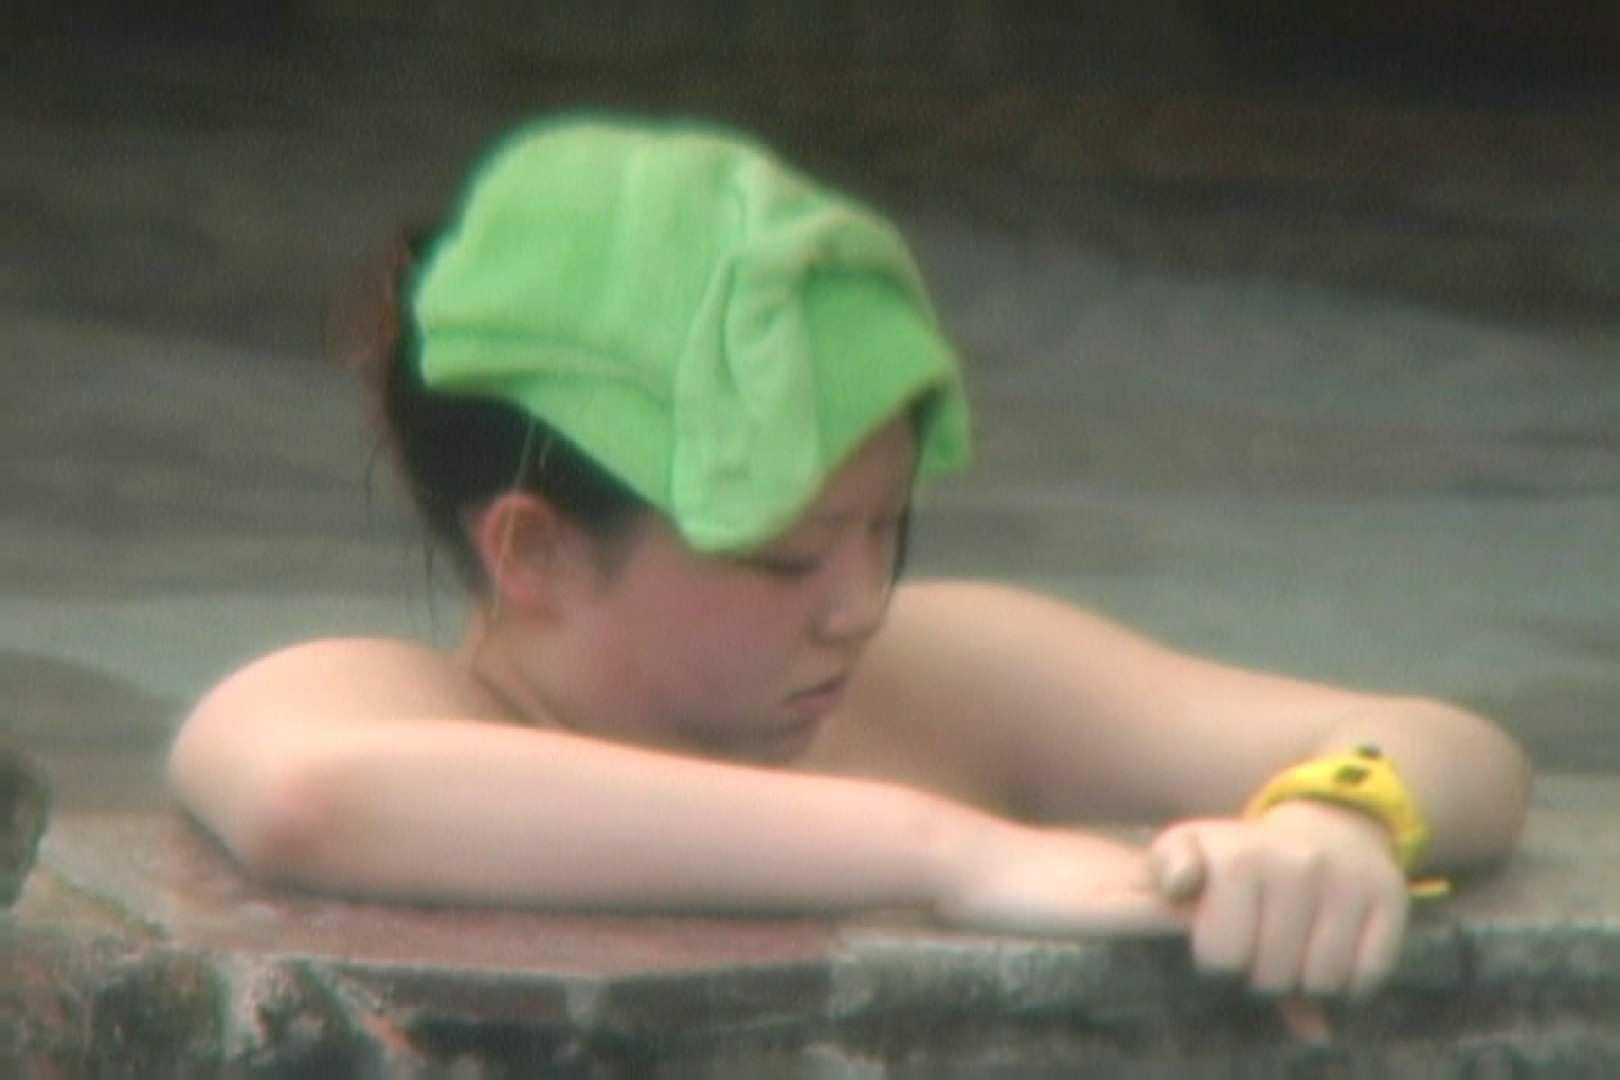 Aquaな露天風呂Vol.563 露天   OLエロ画像  96PICs 19